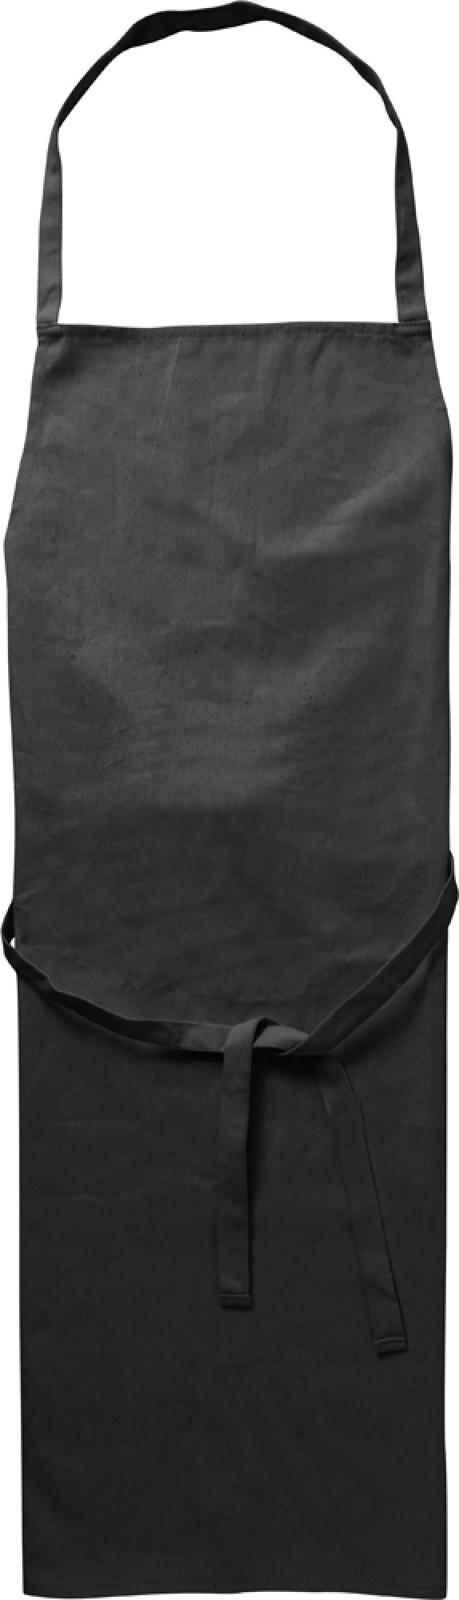 Cotton (180 gr/m²) apron - Black